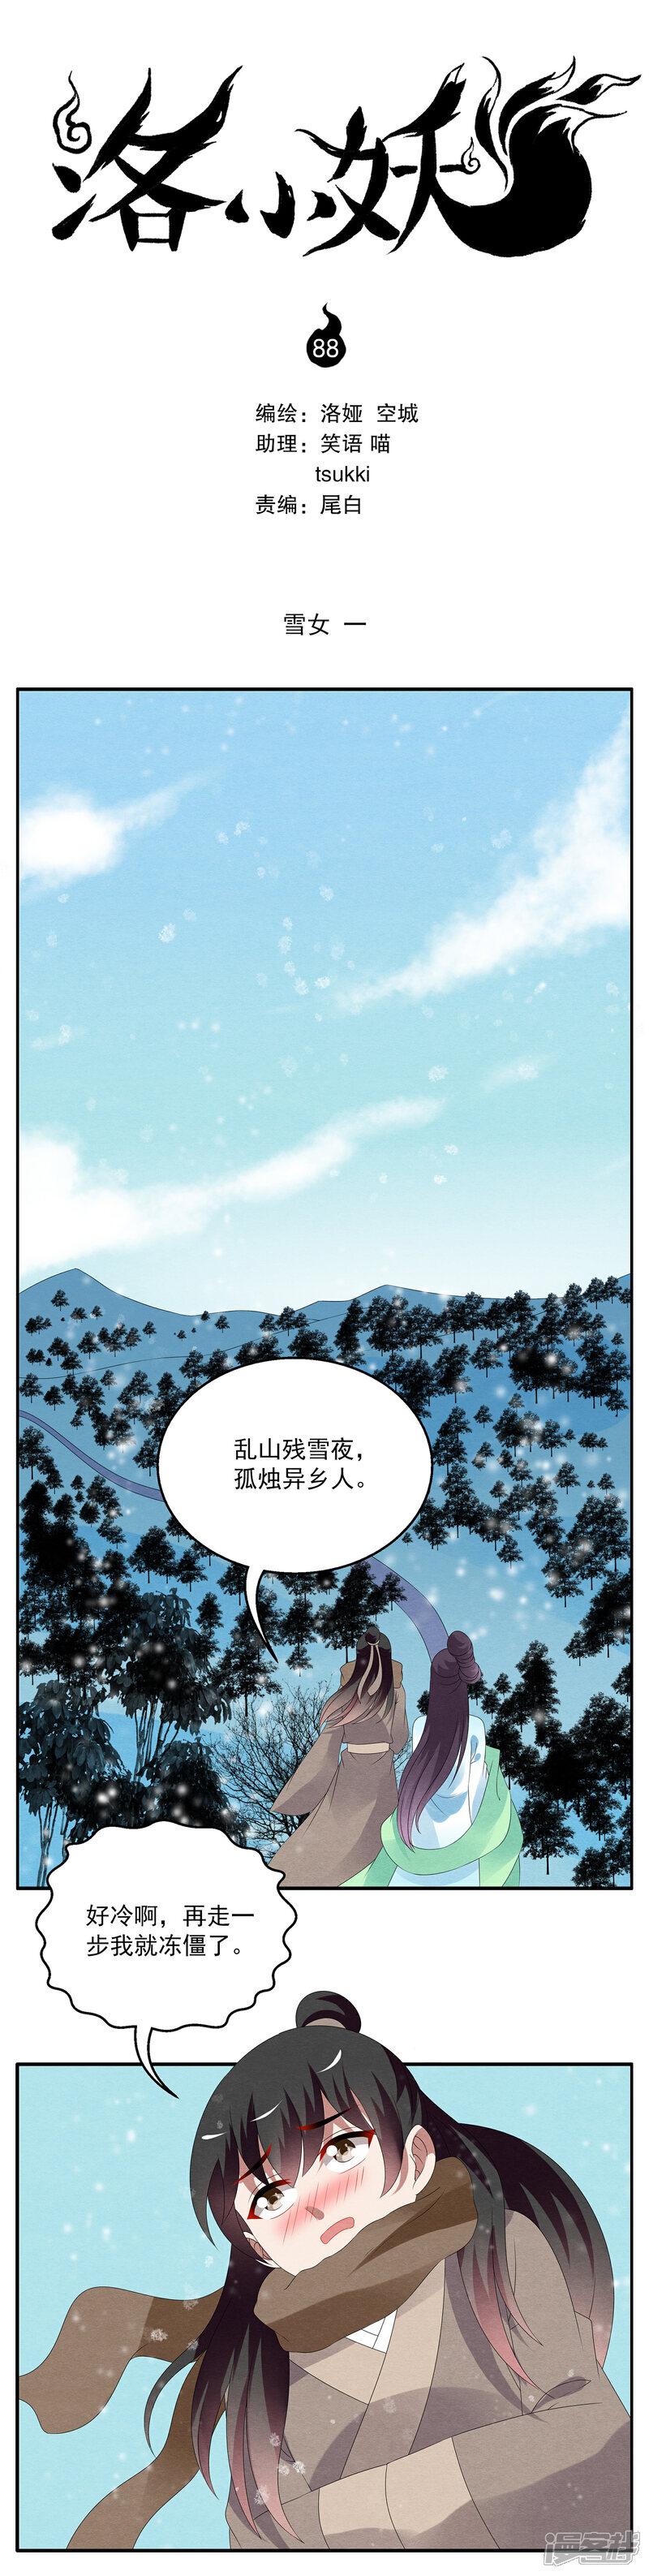 洛小妖88890001-1.JPG